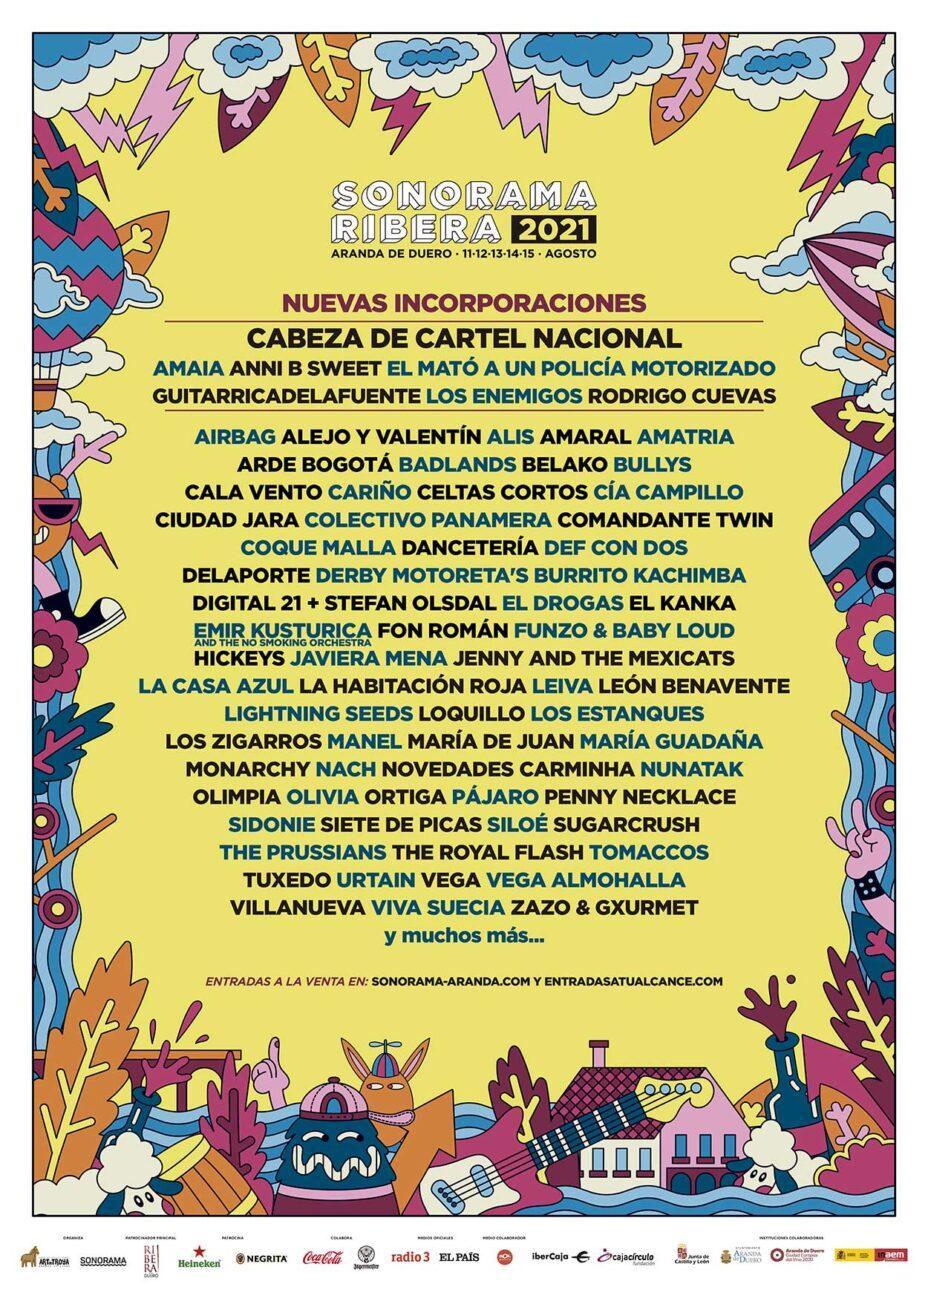 Cartel oficial del Sonorama Ribera 2021